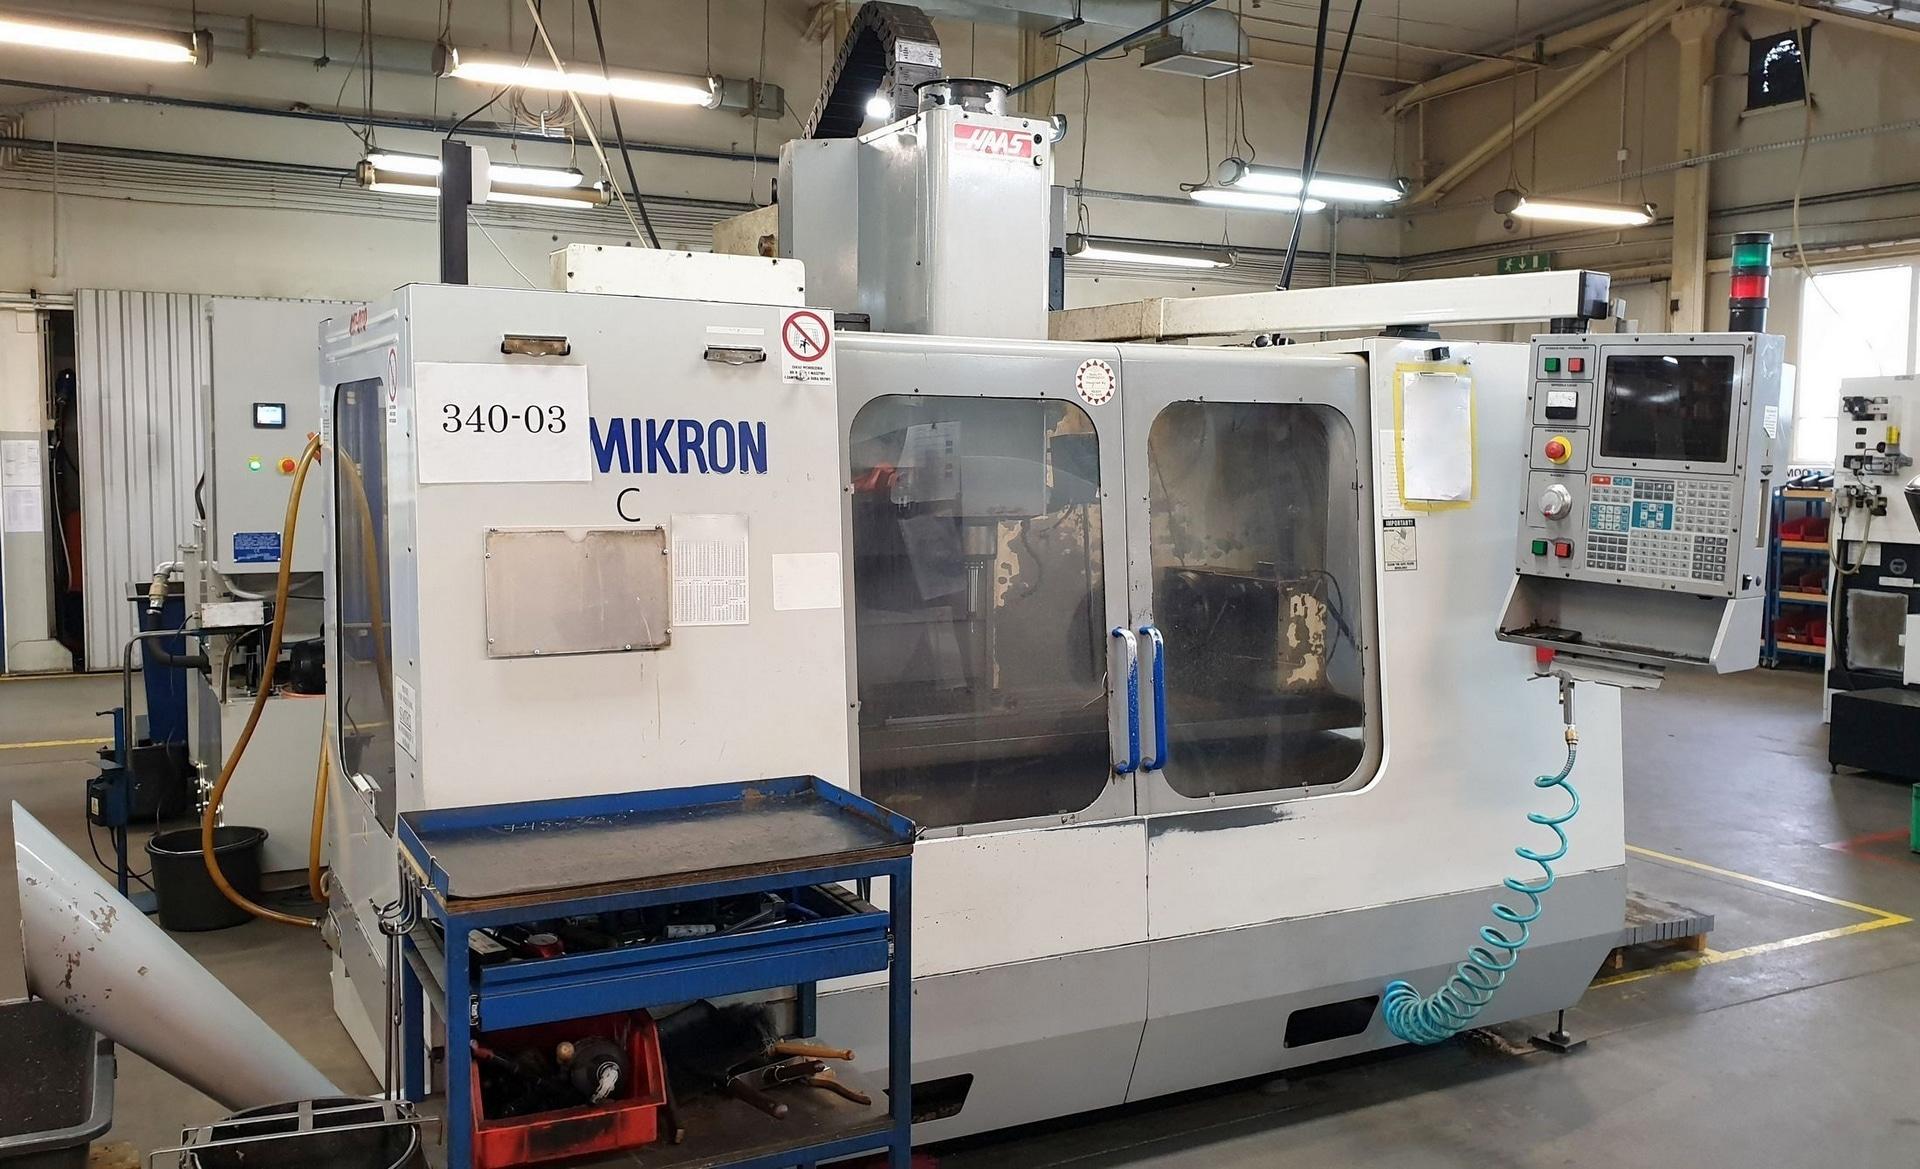 Centro di fresatura verticale HAAS MIKRON VCE 1250 in vendita - foto 1